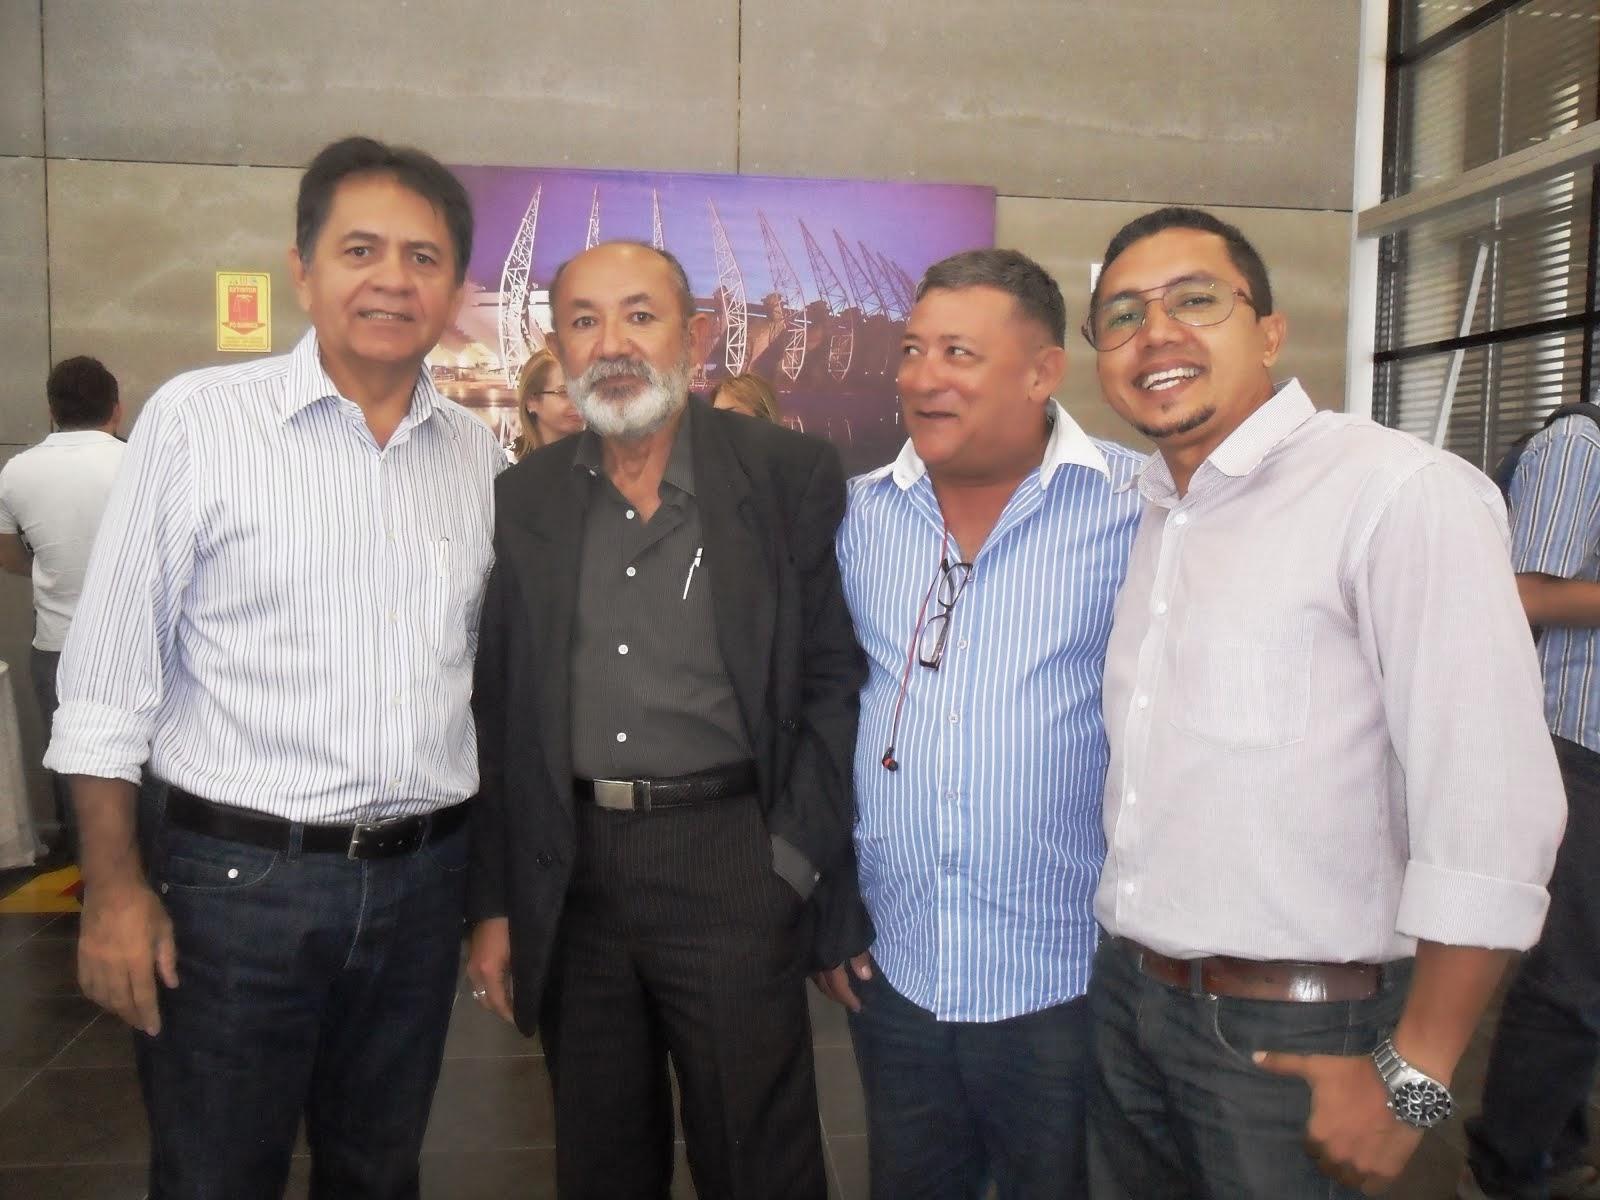 SUPERINTENDENTE DO DAE JUAREZ ALBUQUERQUE  IVANDI ARRAES E WILLIAM DO BICICROS